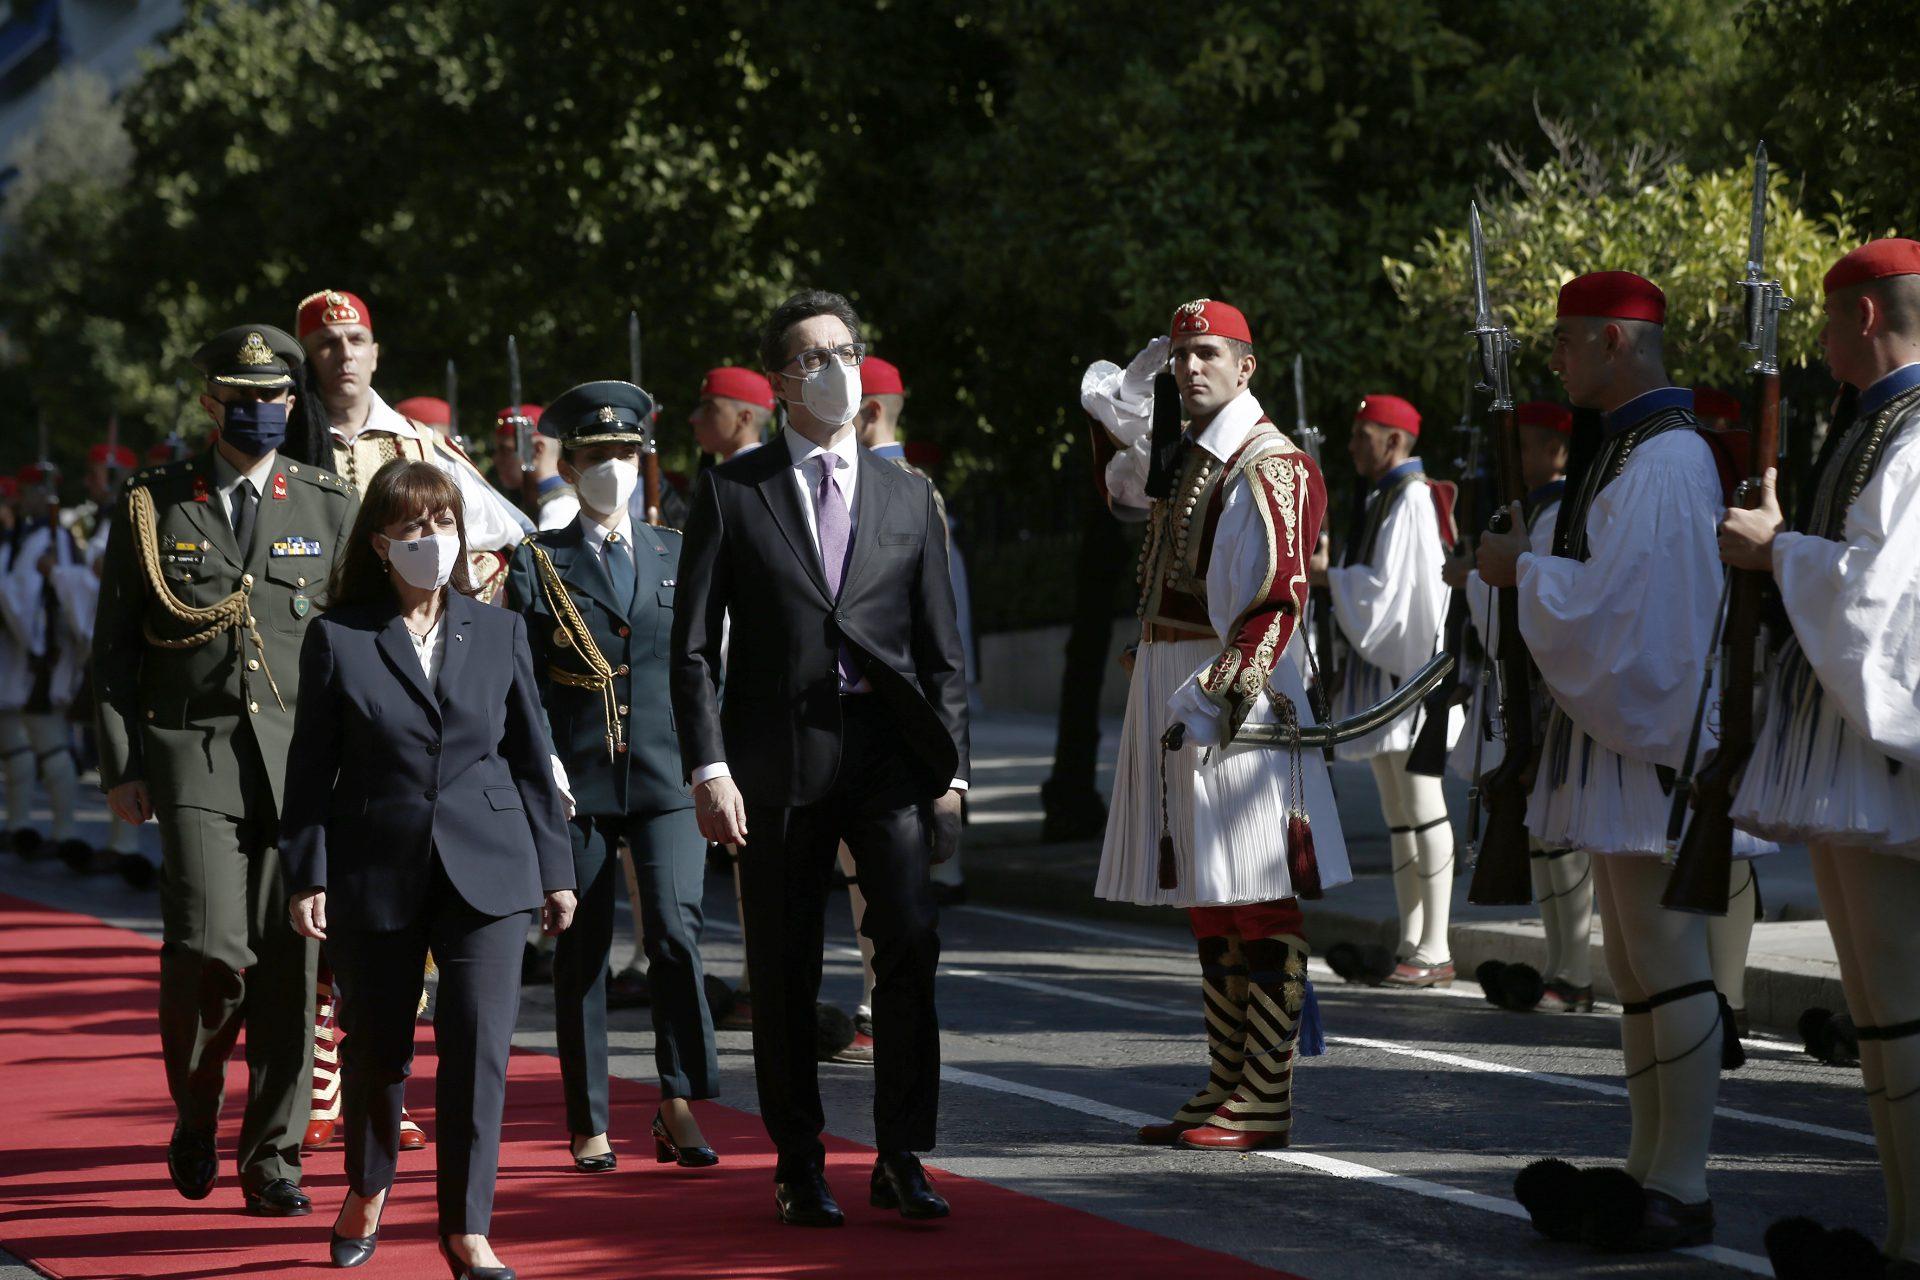 Σακελλαροπούλου: Κρίσιμη η πλήρης, συνεπής και με καλή πίστη εφαρμογή της Συμφωνίας των Πρεσπών